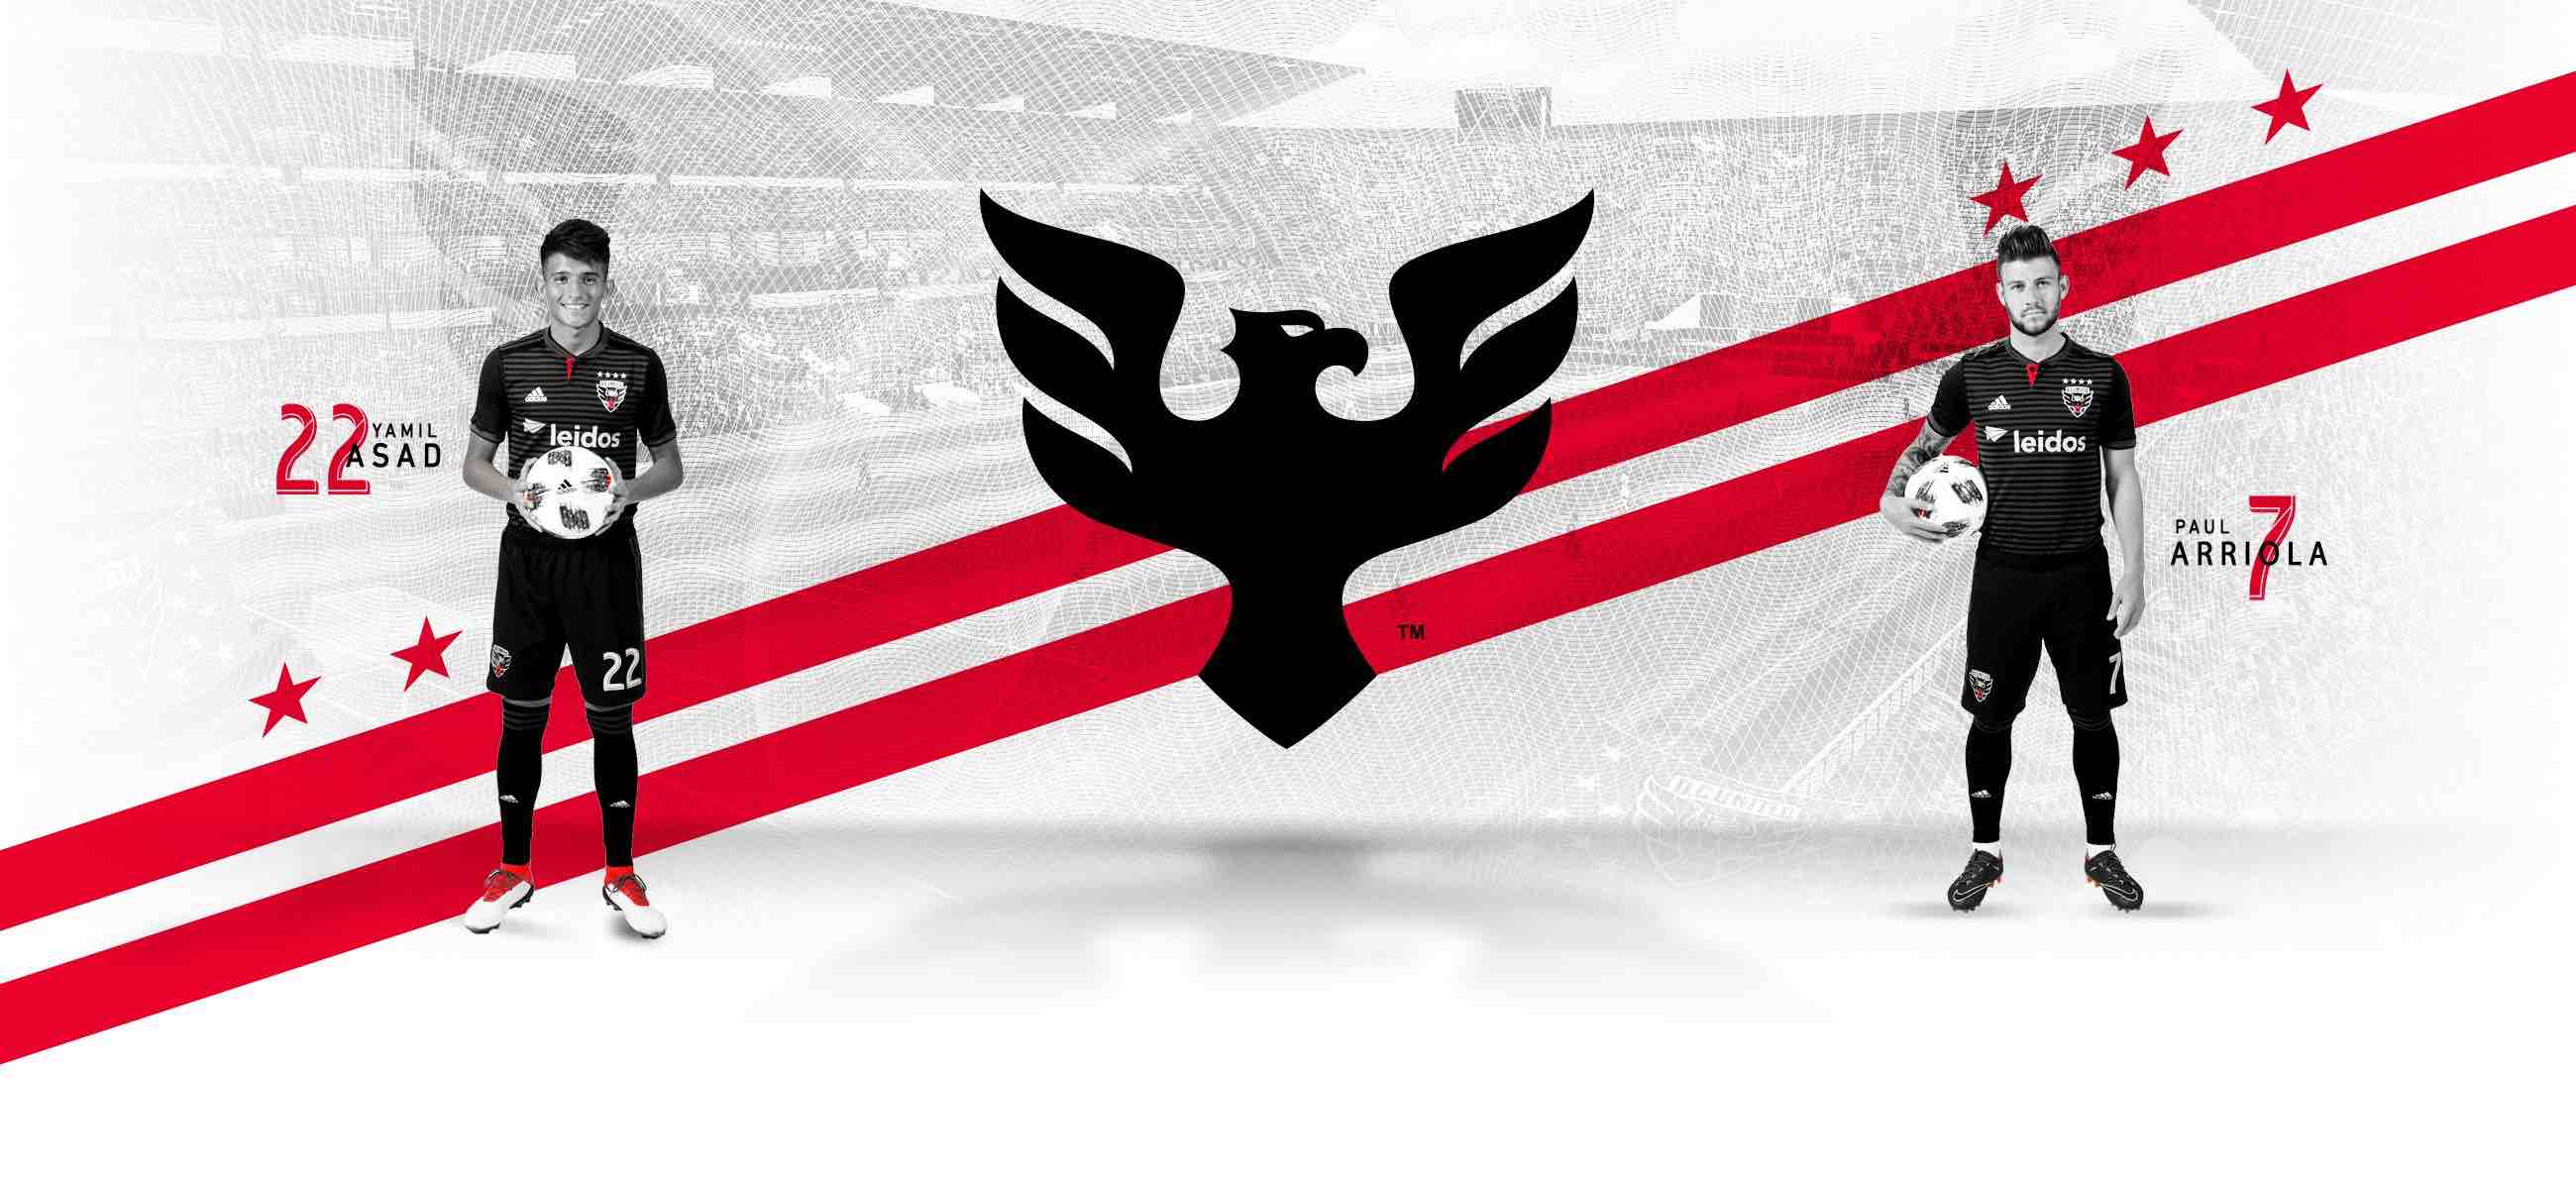 D.C United